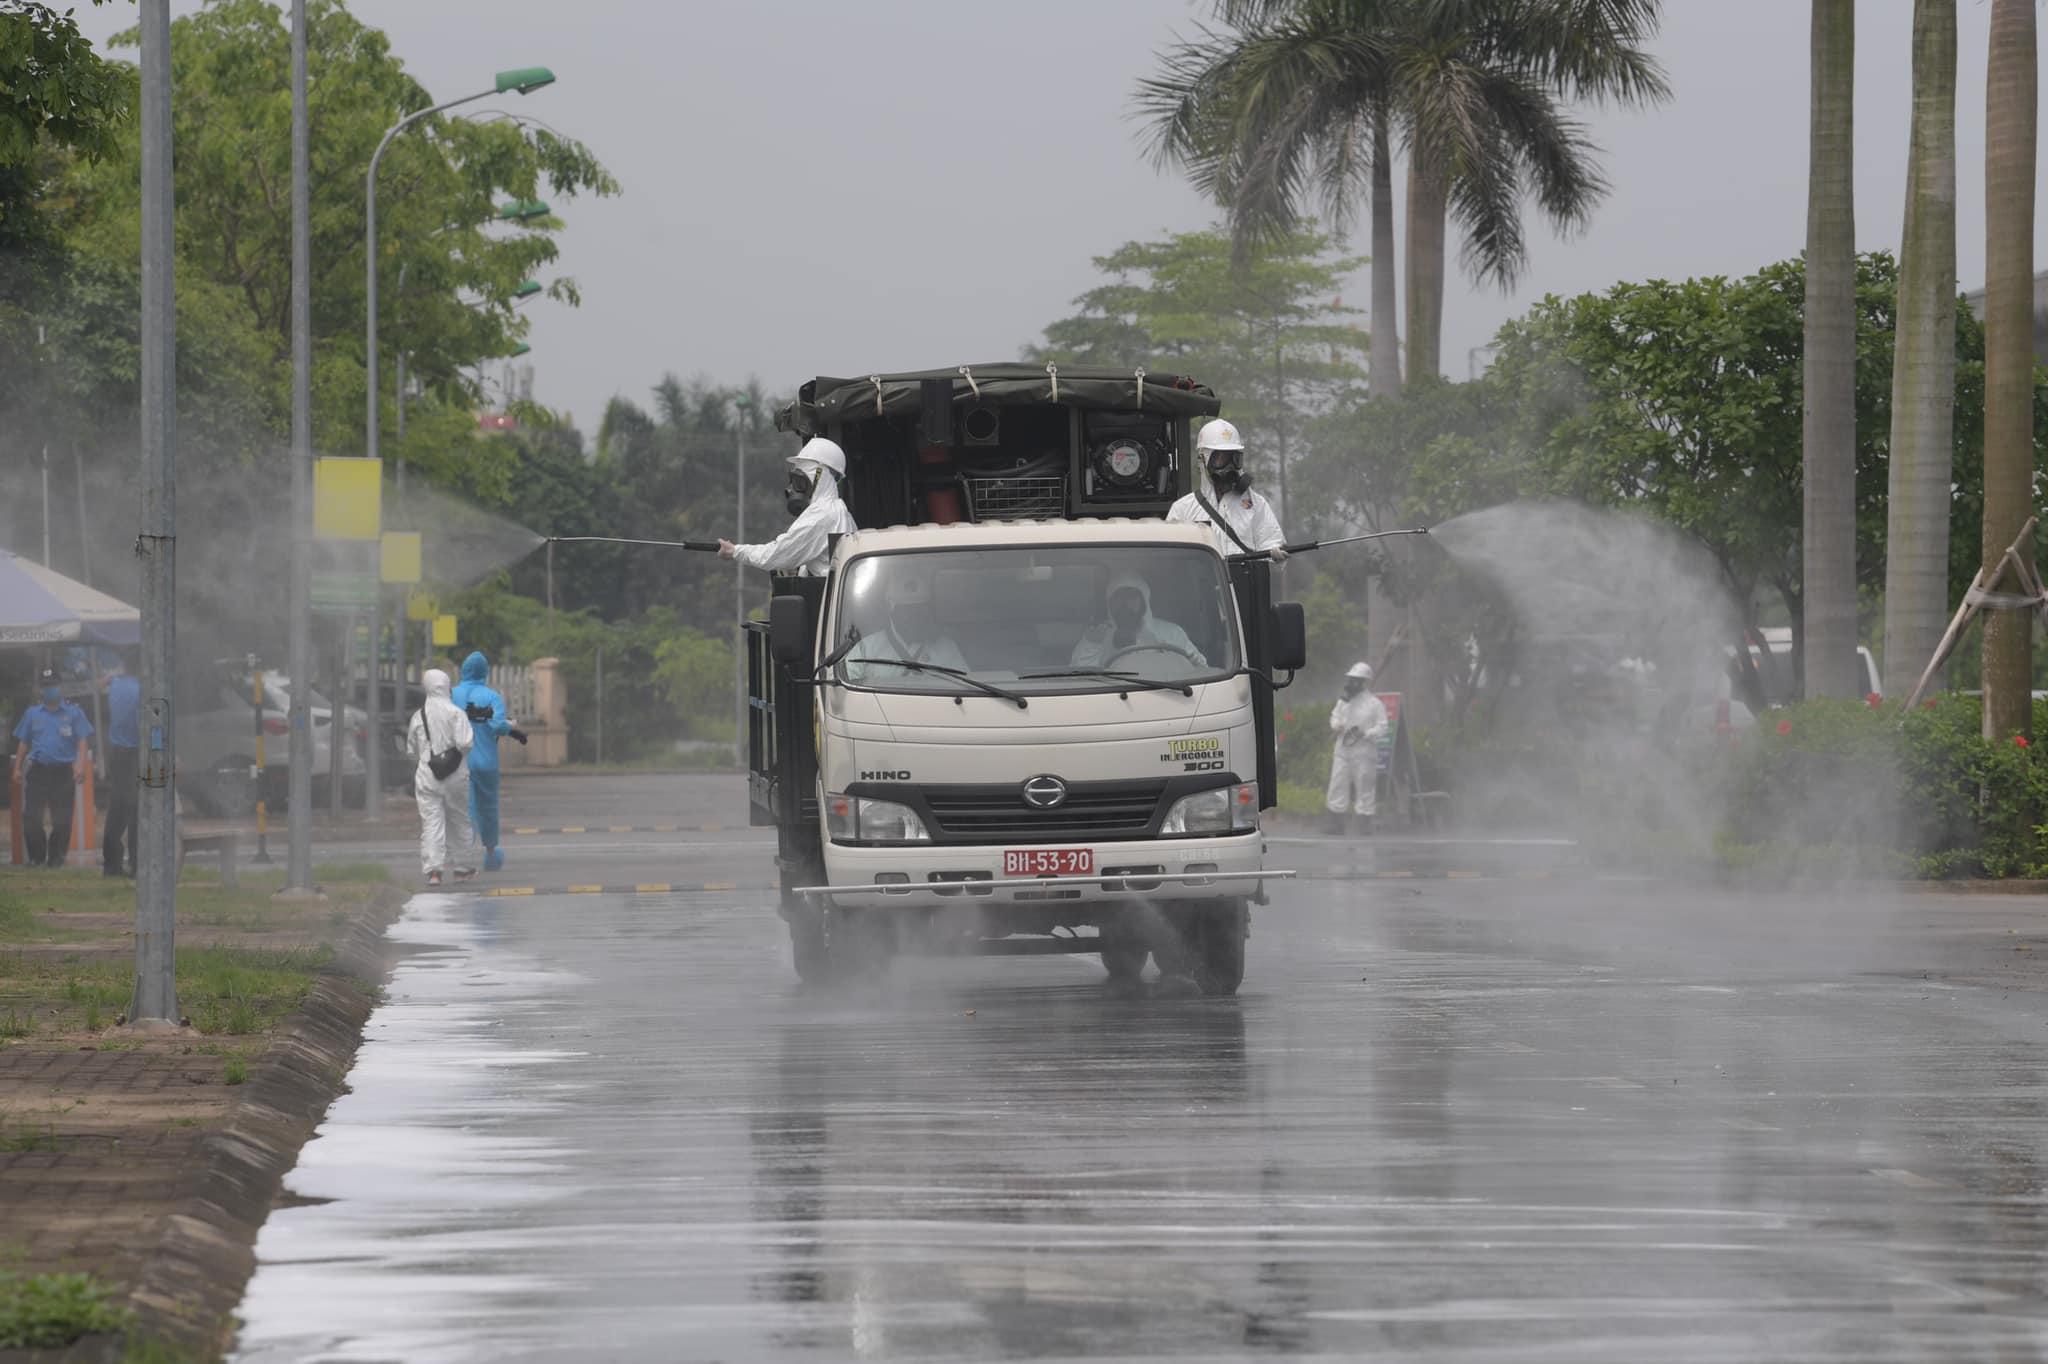 Quân đội tổng lực khử khuẩn Bệnh viện Nhiệt đới Trung ương cơ sở 2 nơi phát hiện 42 ca nhiễm Covid-19 - Ảnh 3.